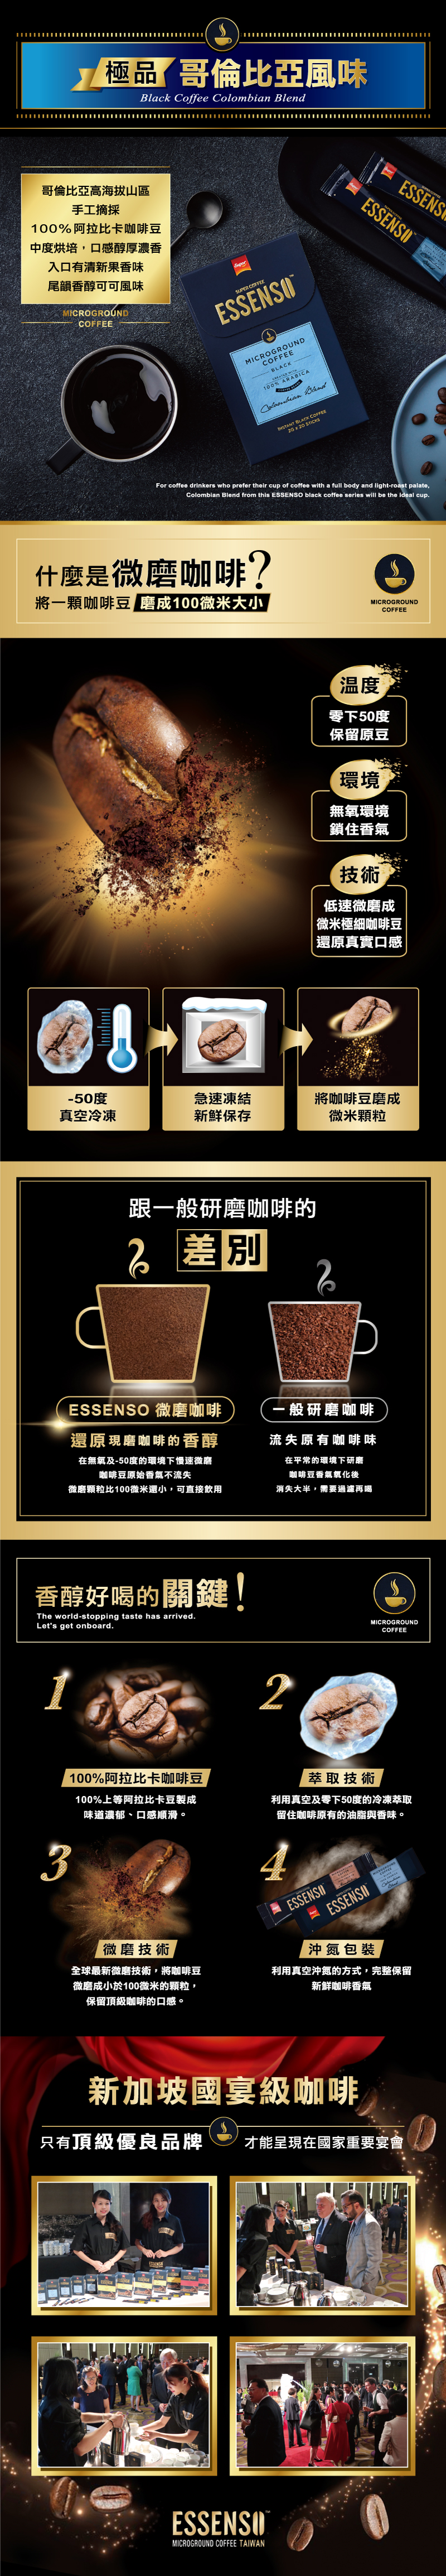 黑咖啡長條圖-單條照片部分改成黑咖啡單條-雅虎商城用-哥